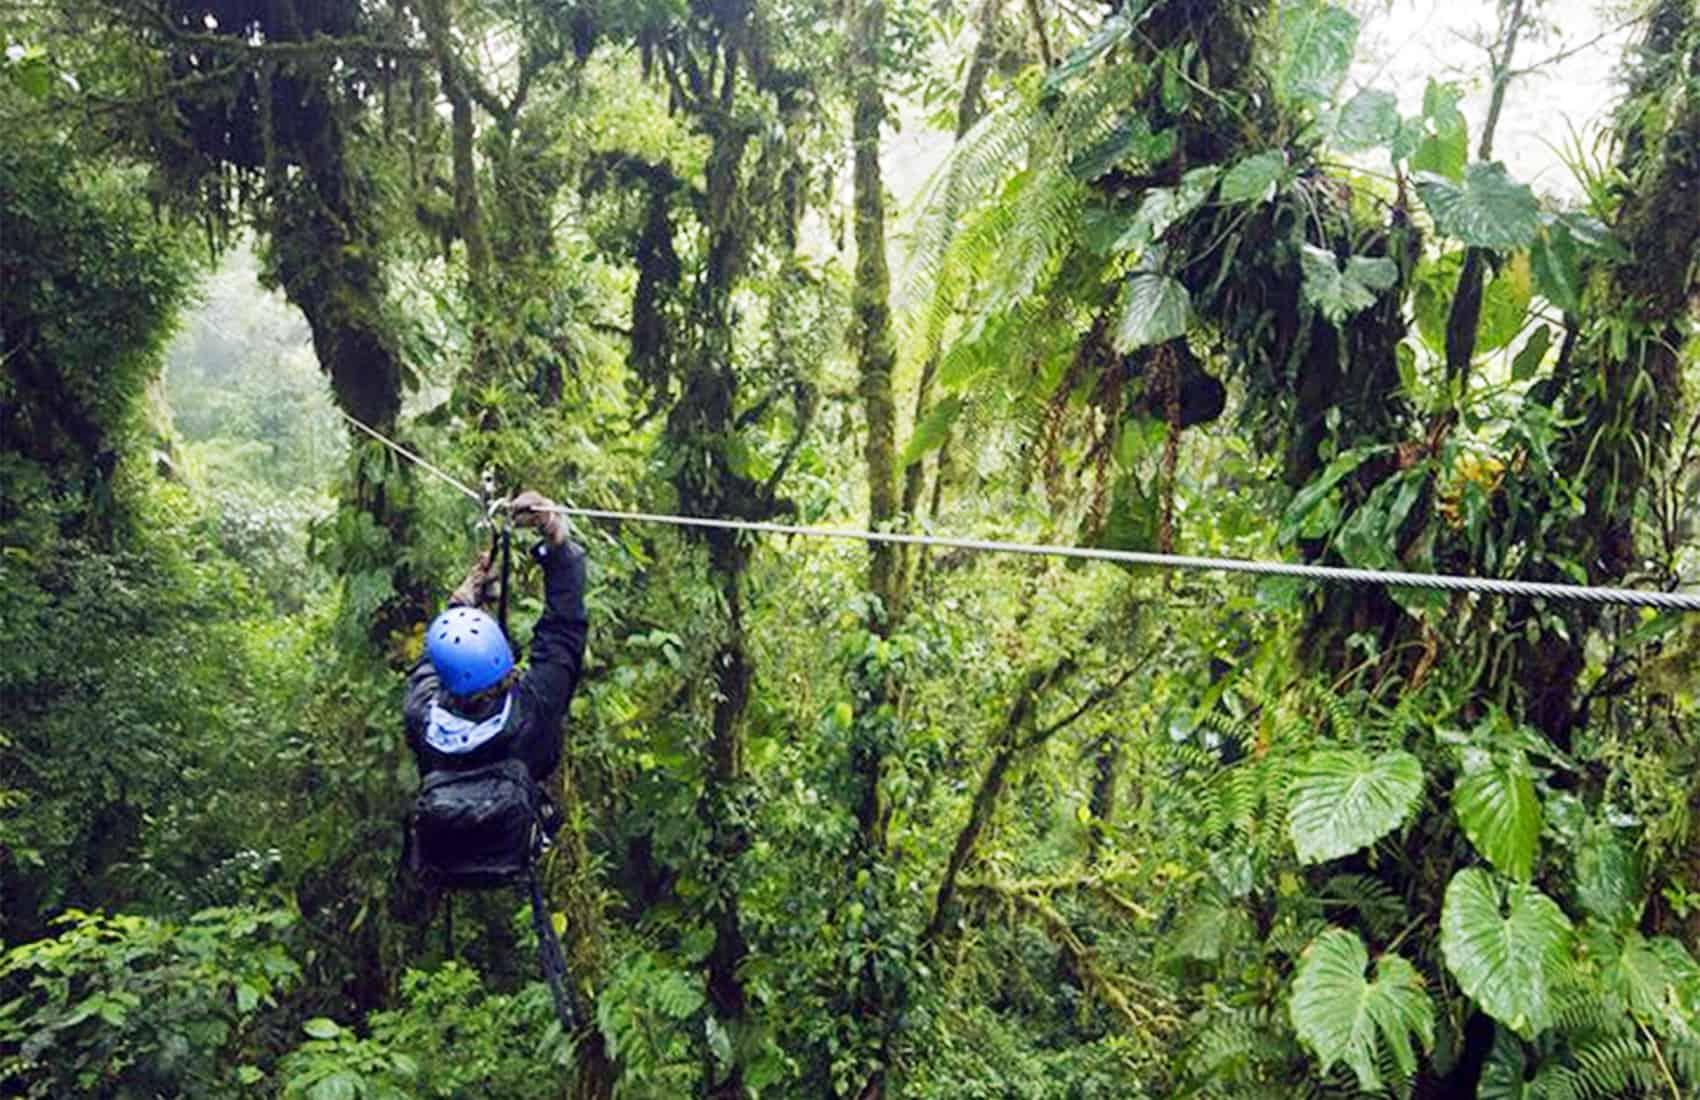 Zipliner in Costa Rica